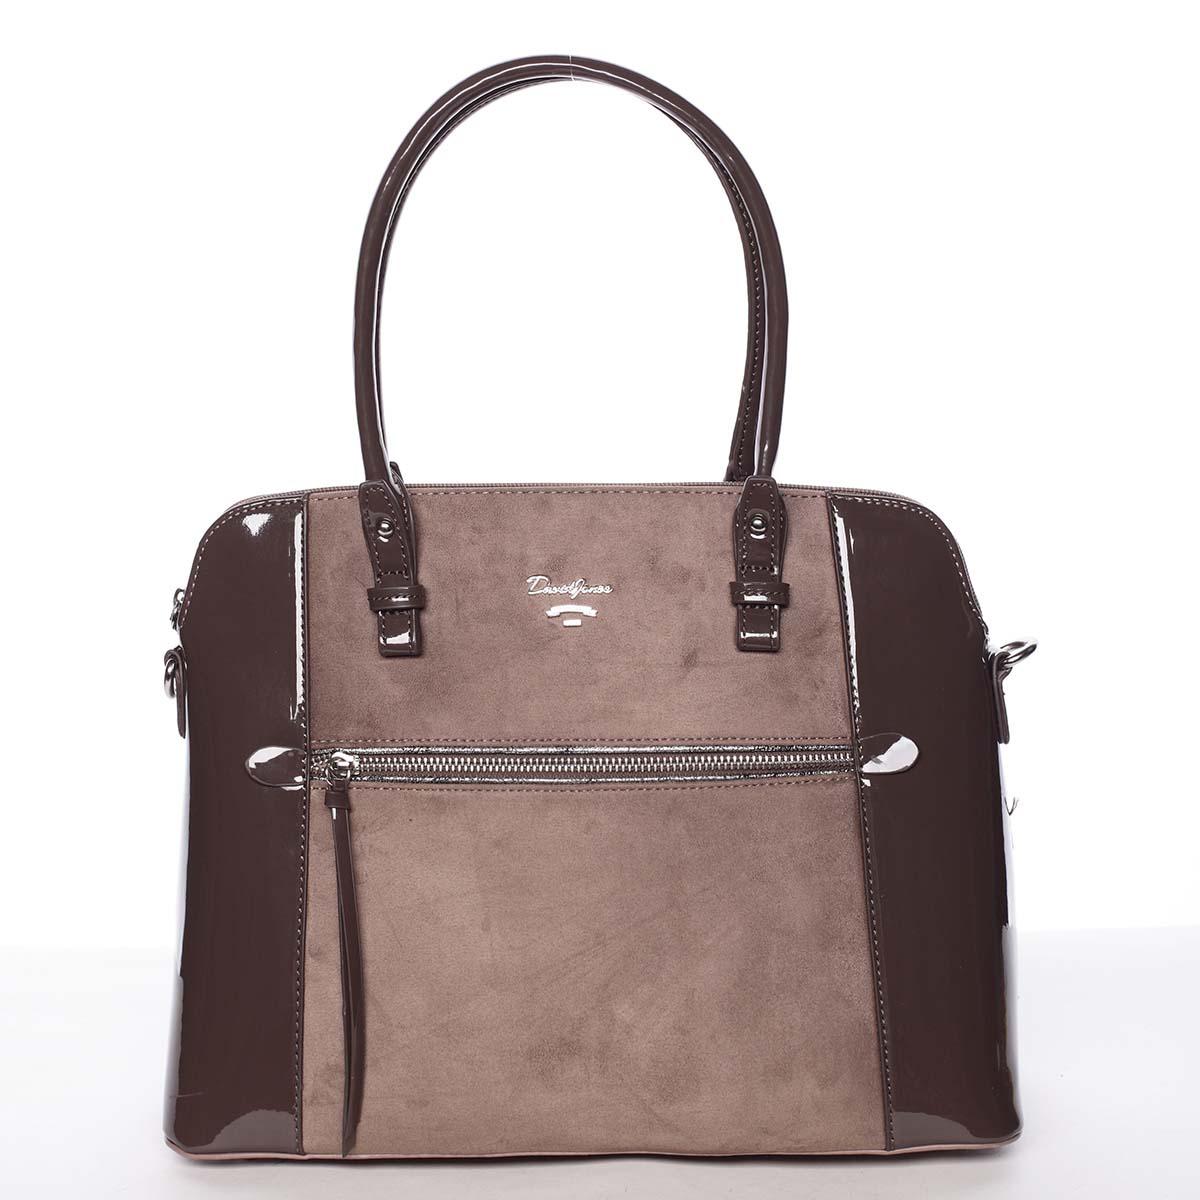 Jedinečná střední dámská starorůžová kabelka - David Jones Julietta